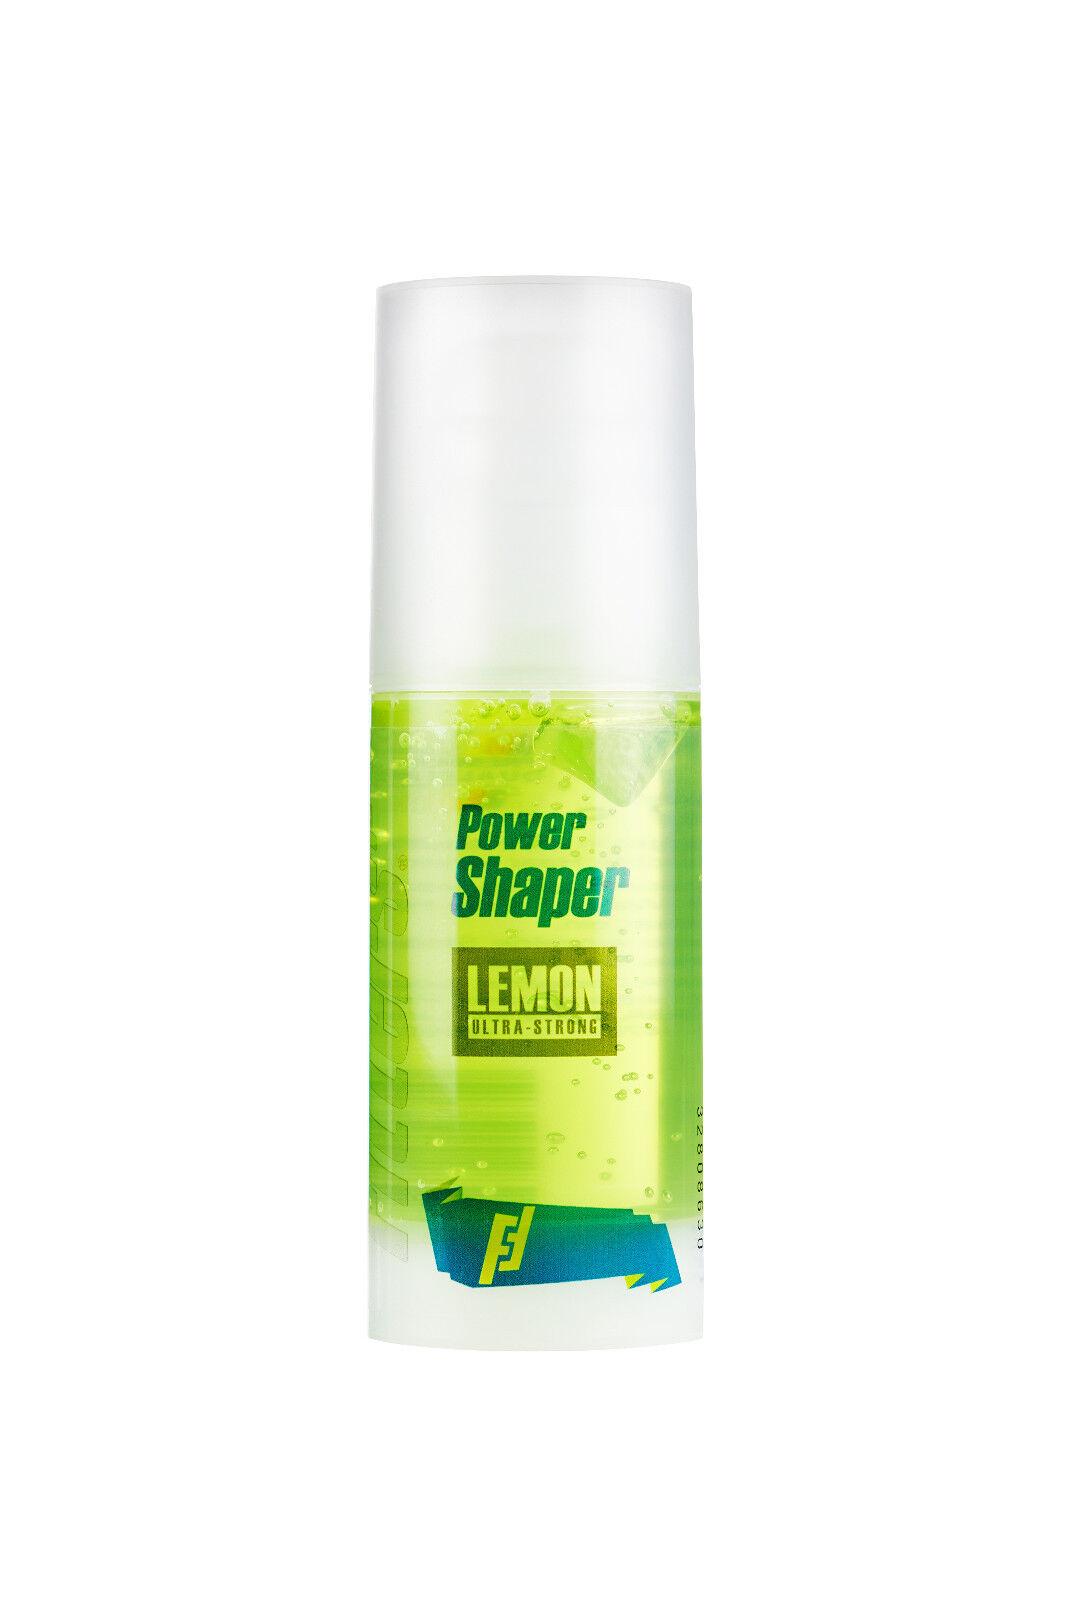 Power Shaper Lemon ultra-strong Styling Gel 100 ml grünes Haargel für Männer